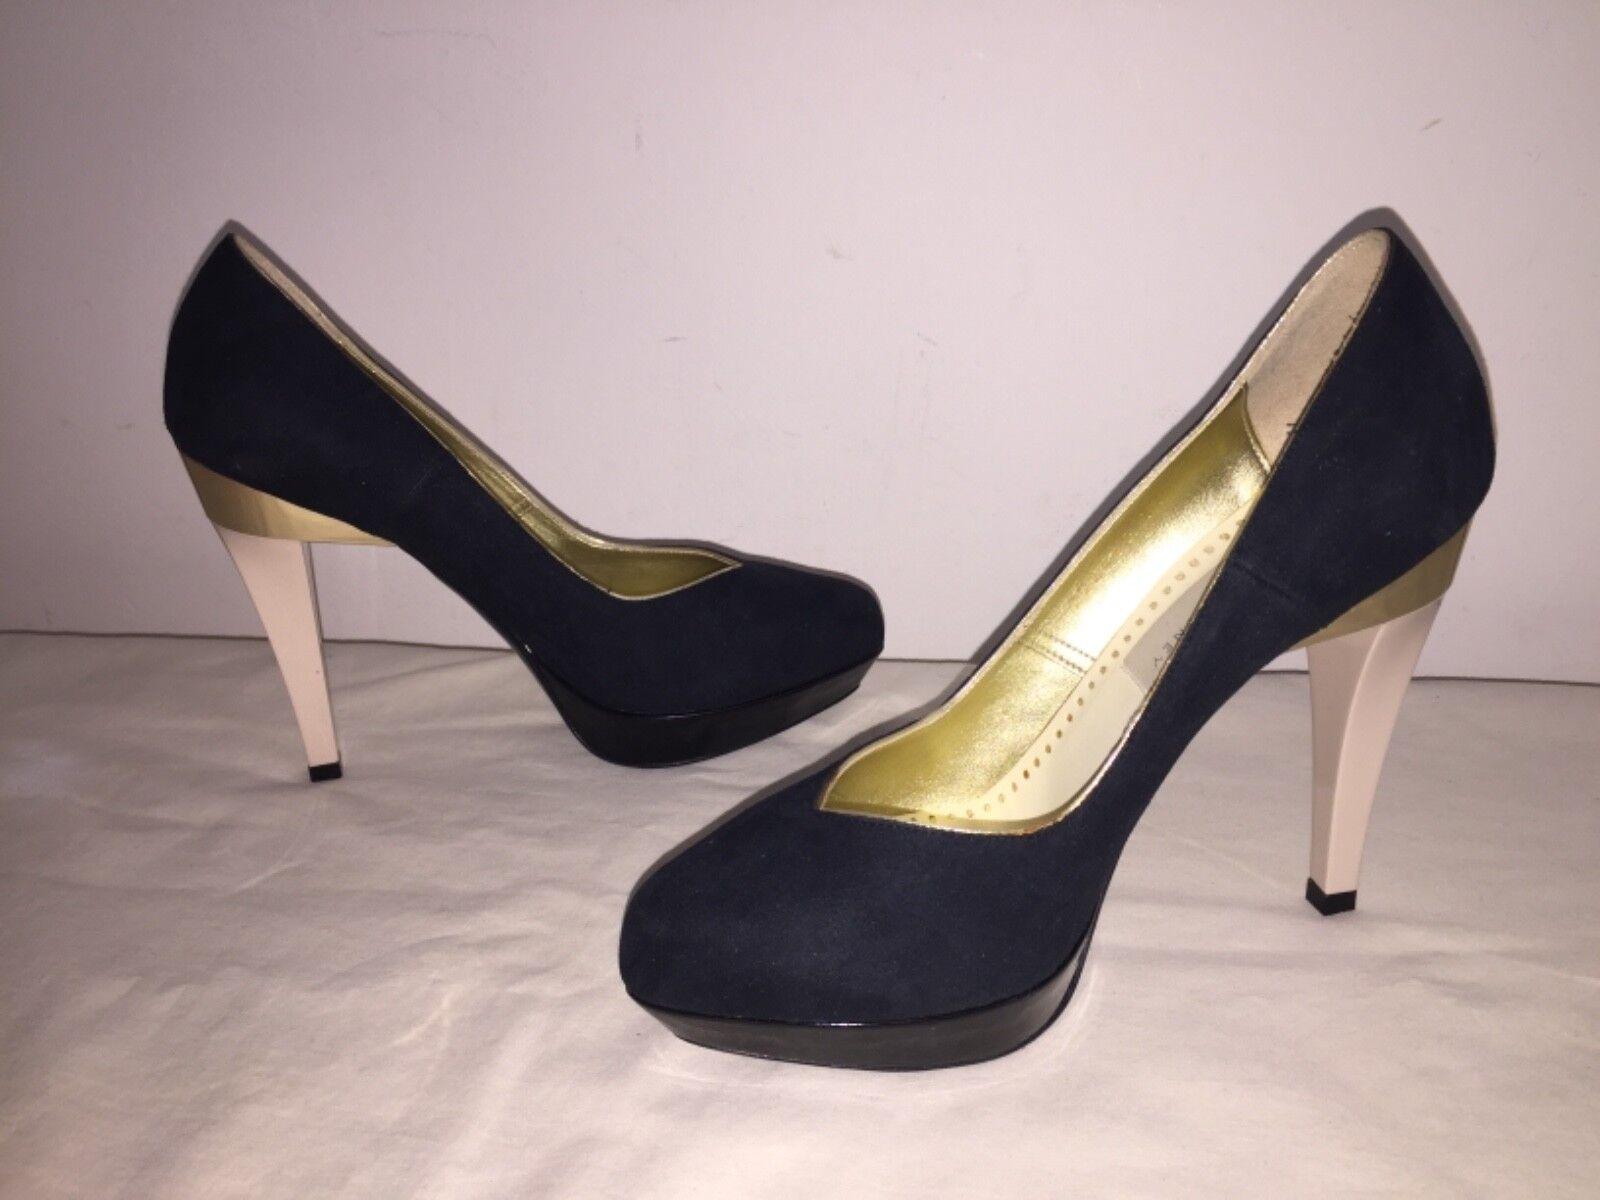 Stella McCartney Women's Black Suede Pumps w  gold Heel Sz 37